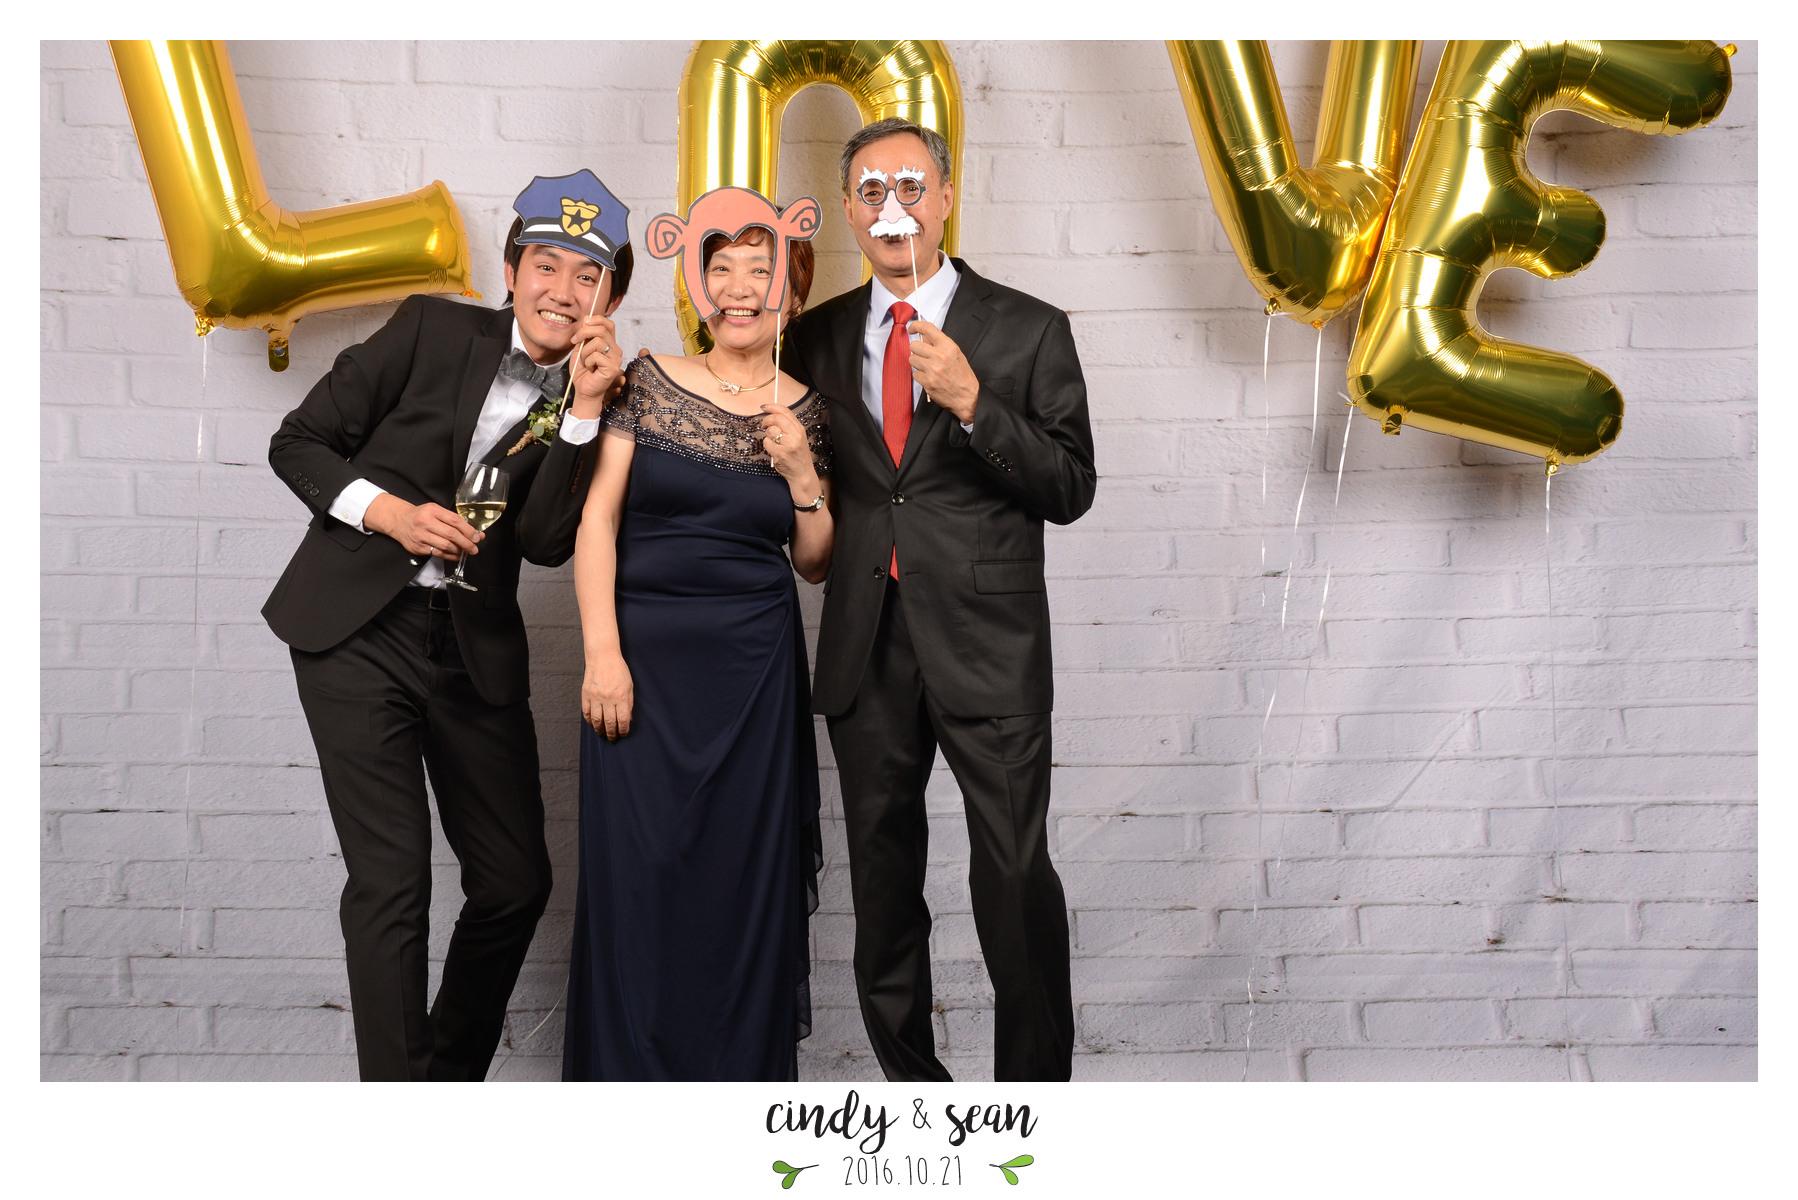 Cindy Sean Bae - 0001-61.jpg